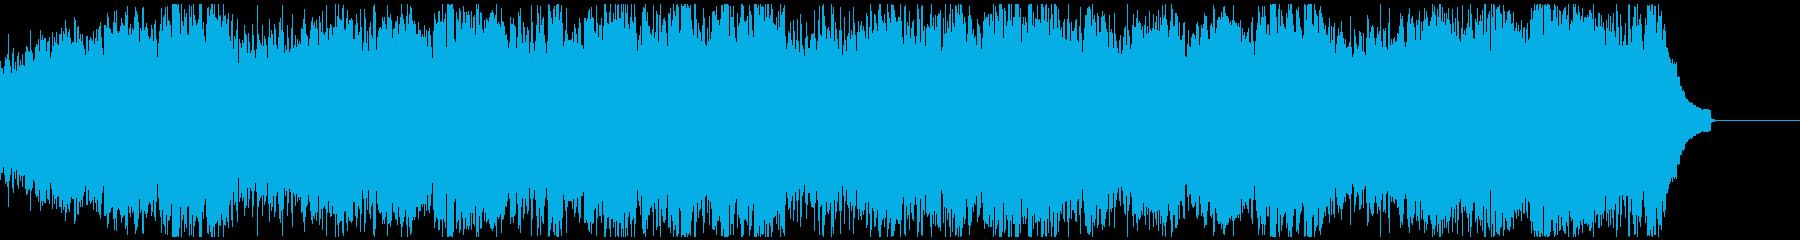 天気予報・夏の海・爽やかなR&Bの再生済みの波形